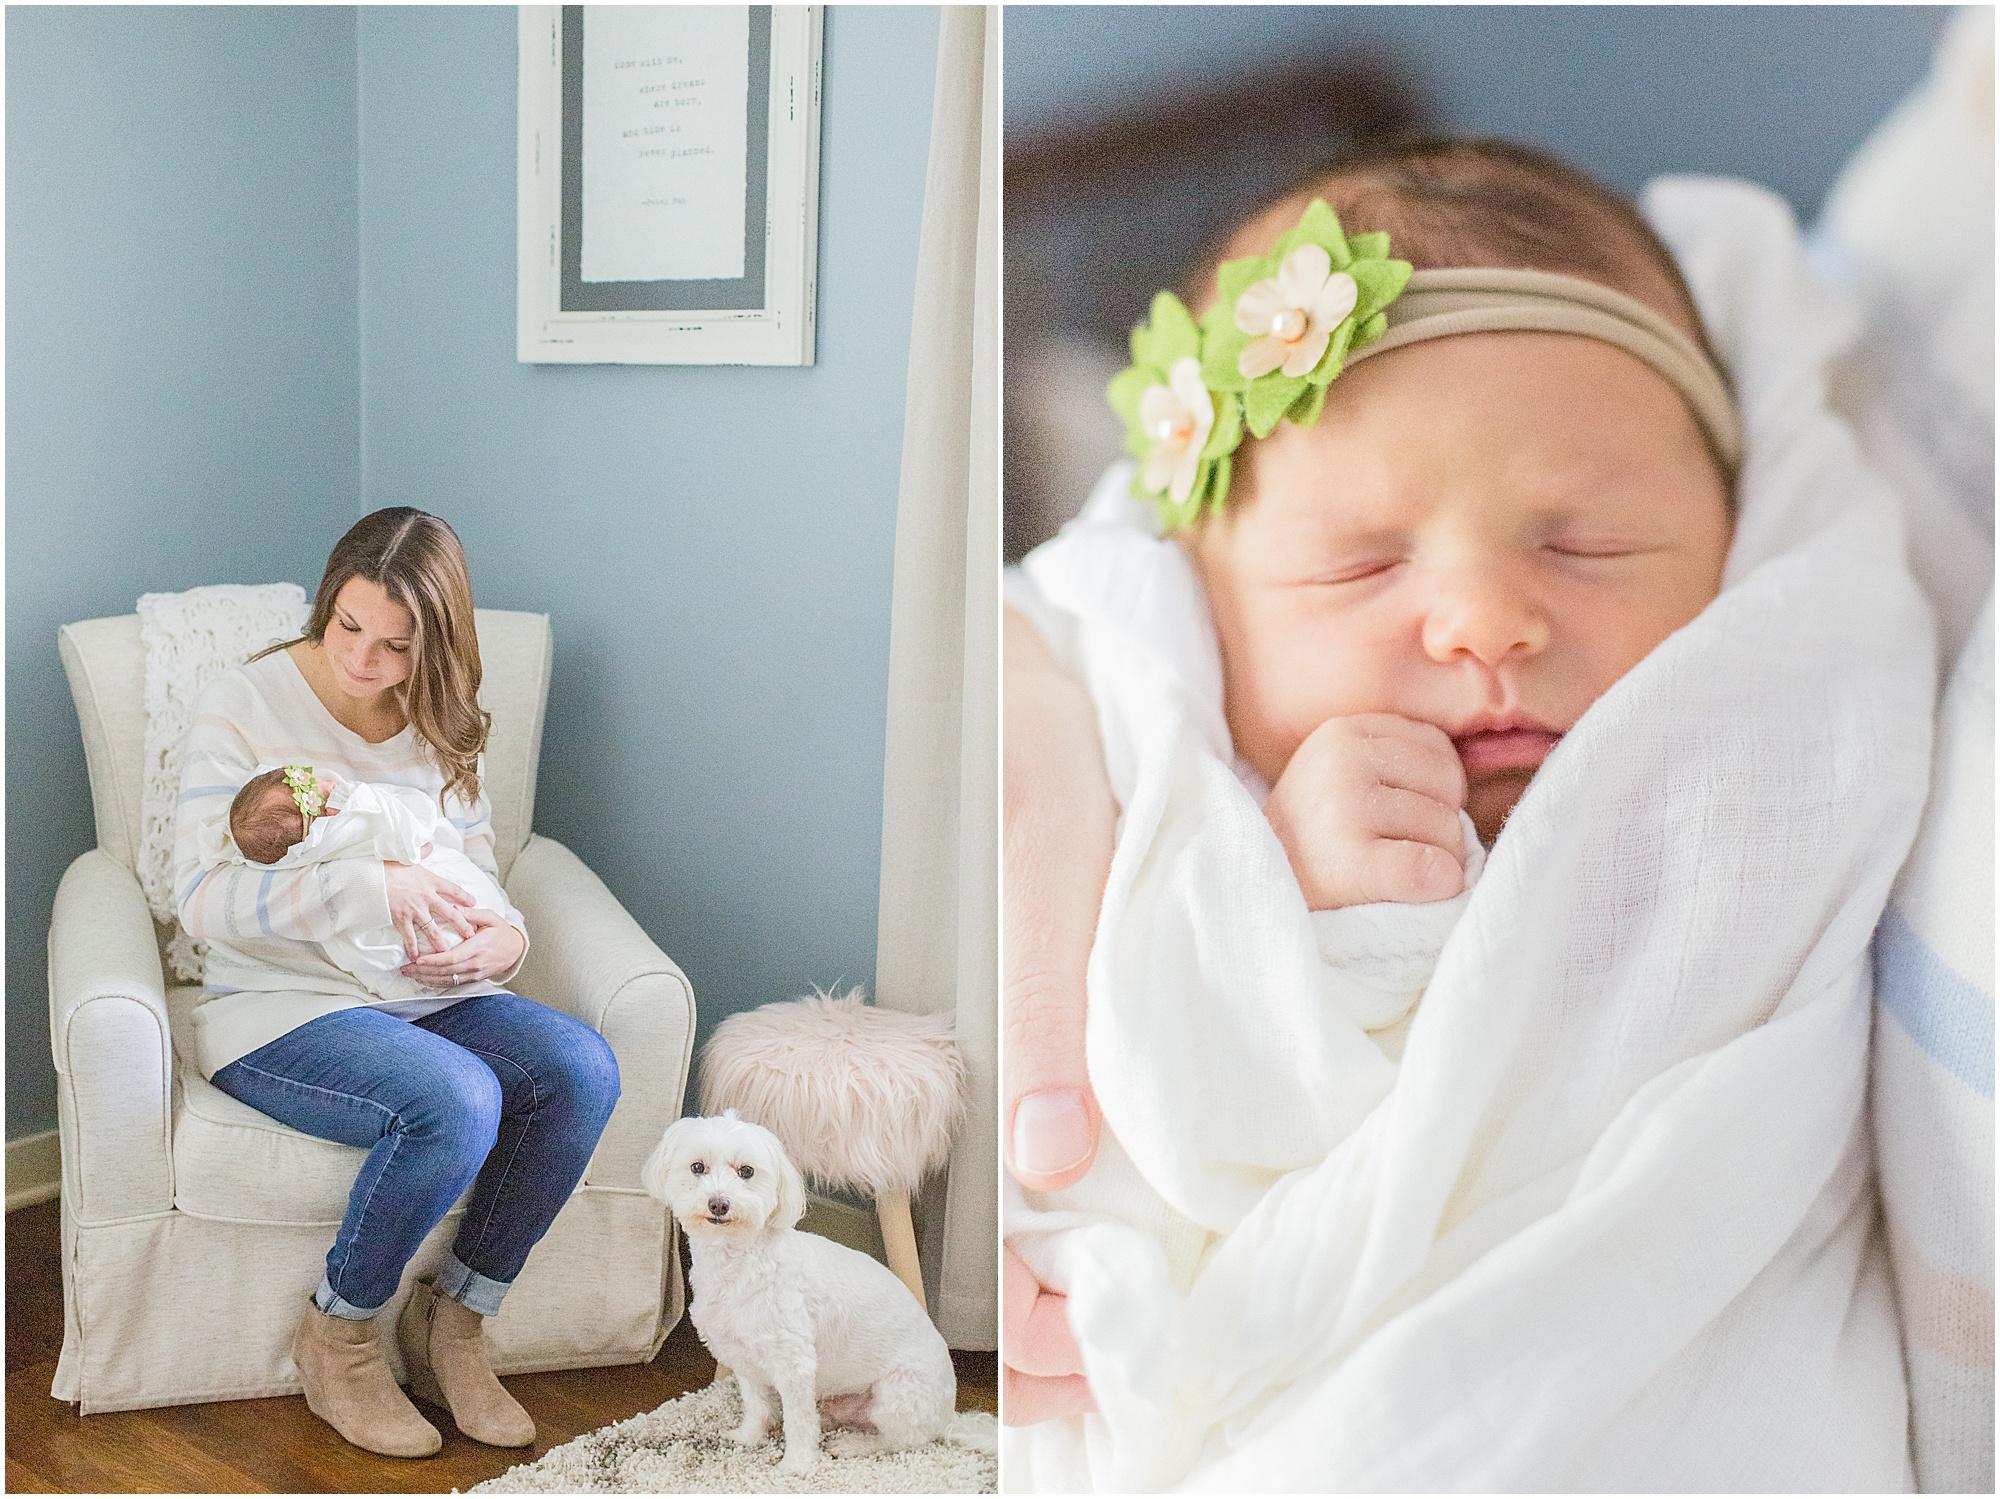 mississippi-newborn-family-photographer_0017.jpg